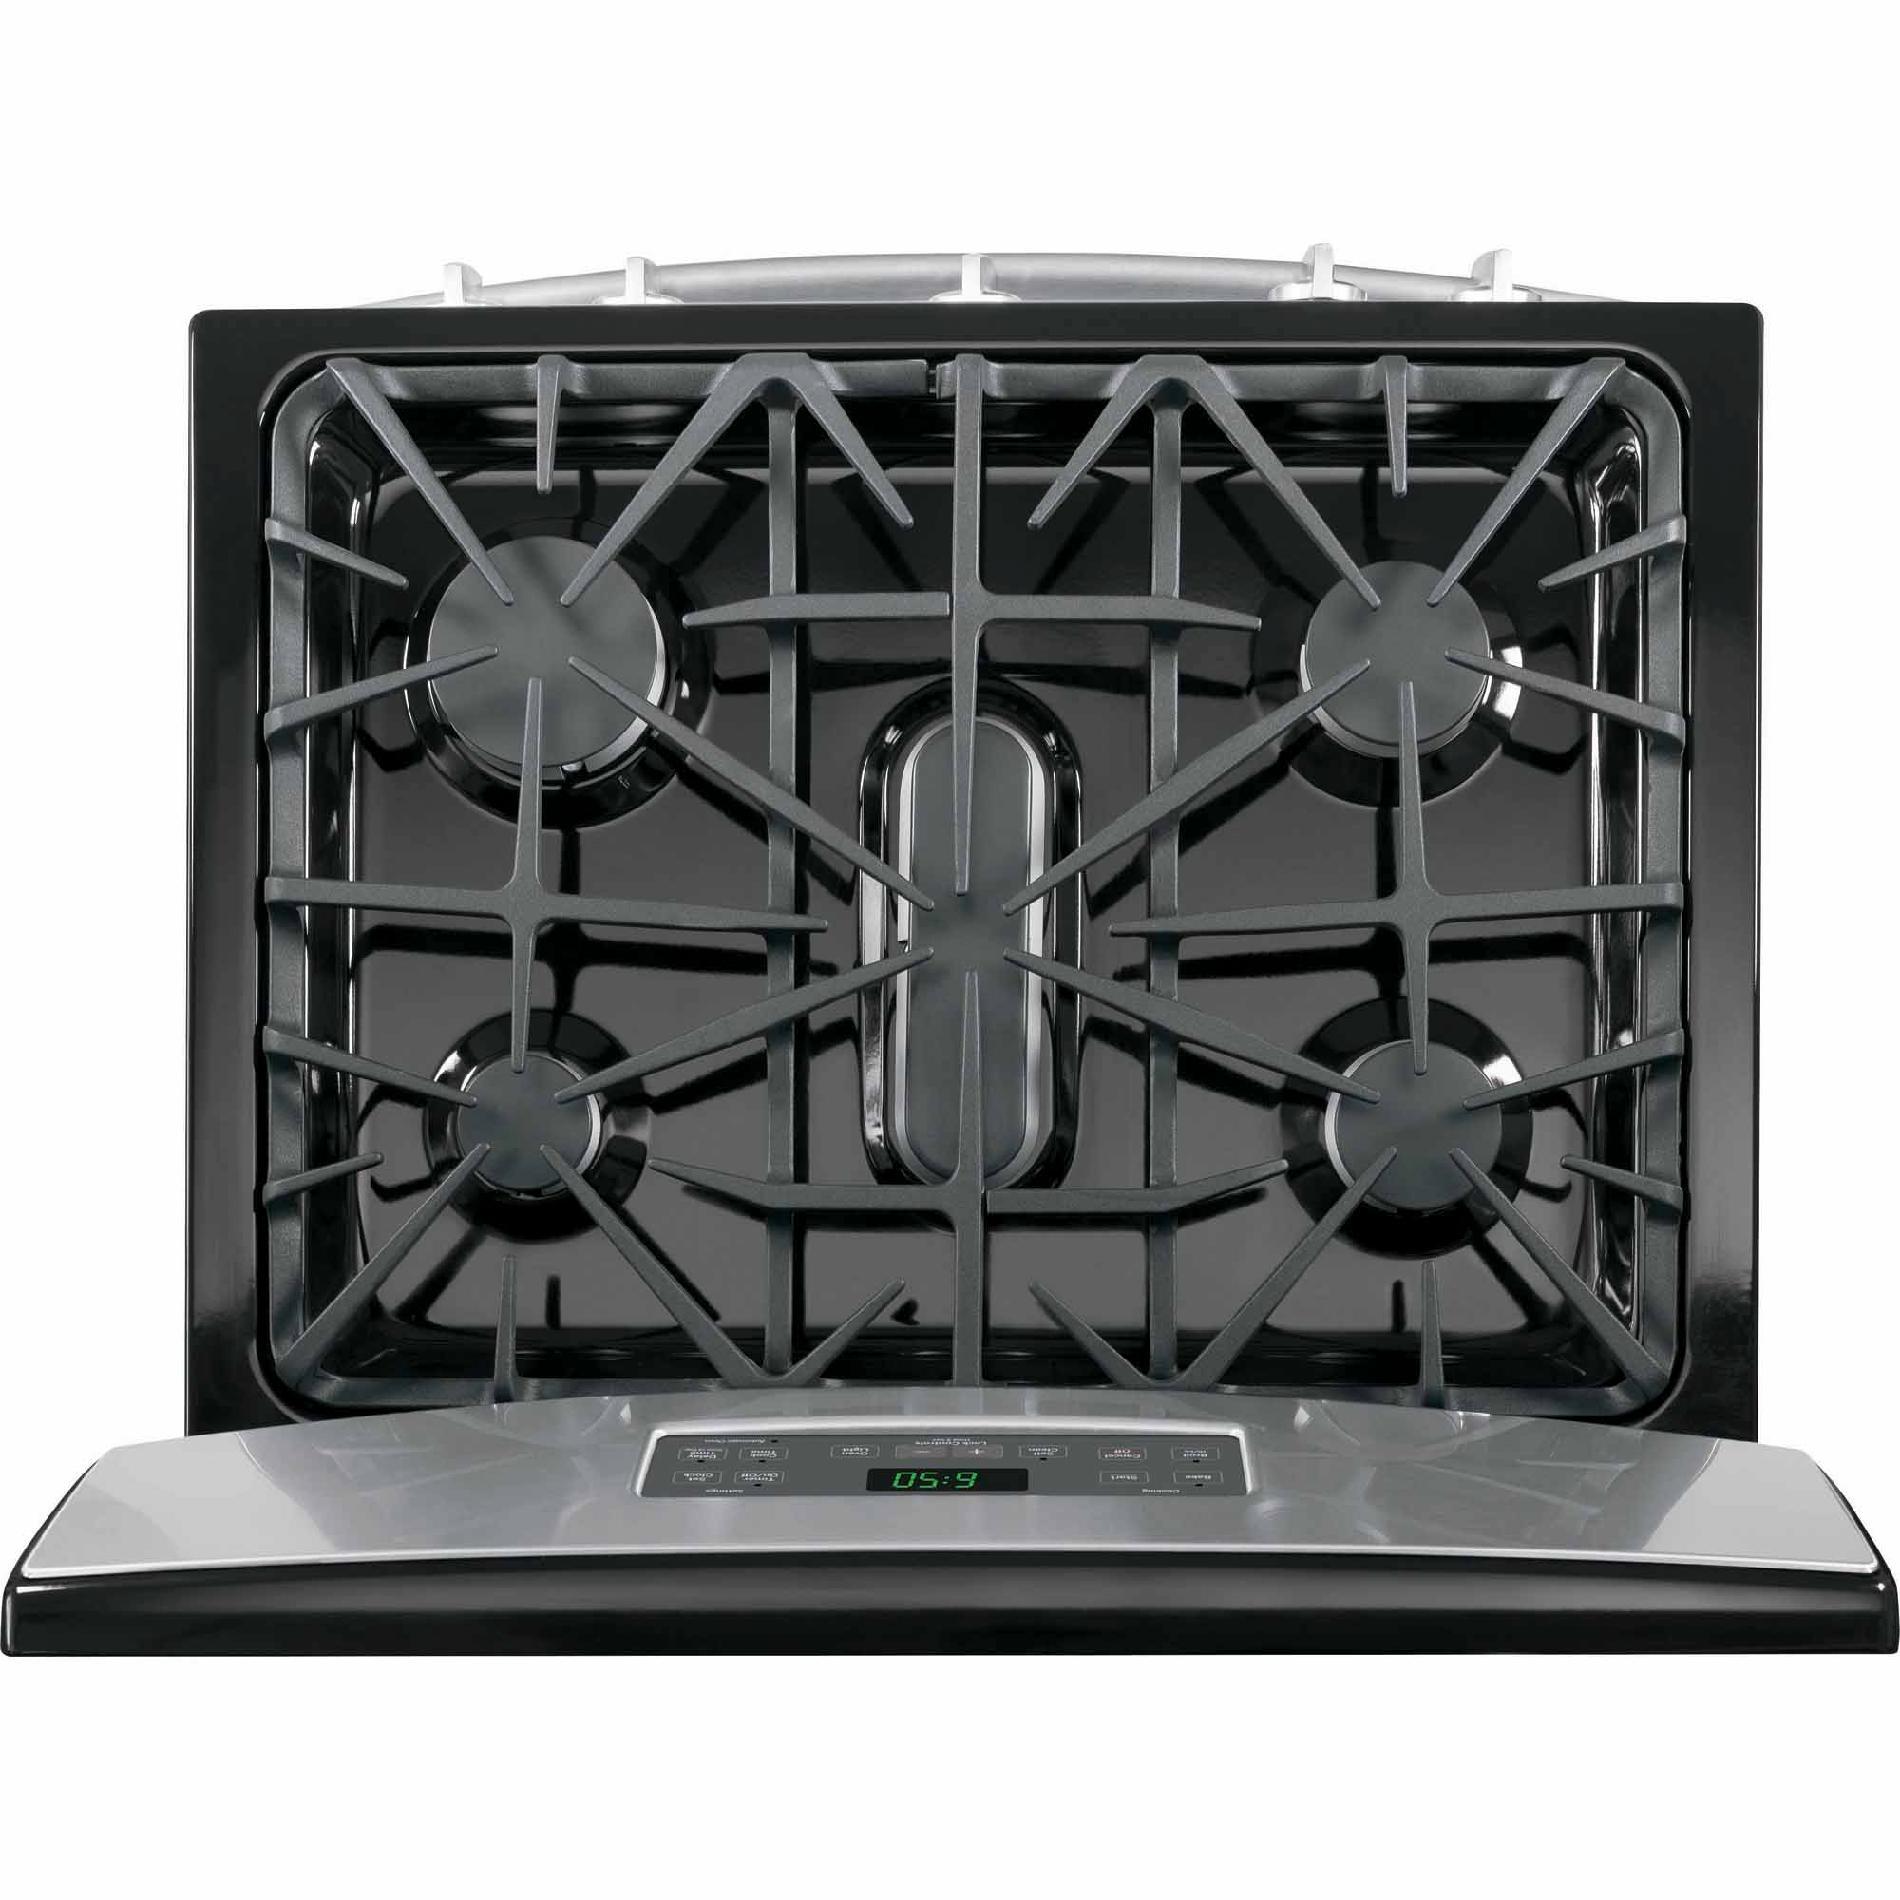 GE Appliances JGB650SEFSS 5.0 cu. ft. Gas Range - Stainless Steel